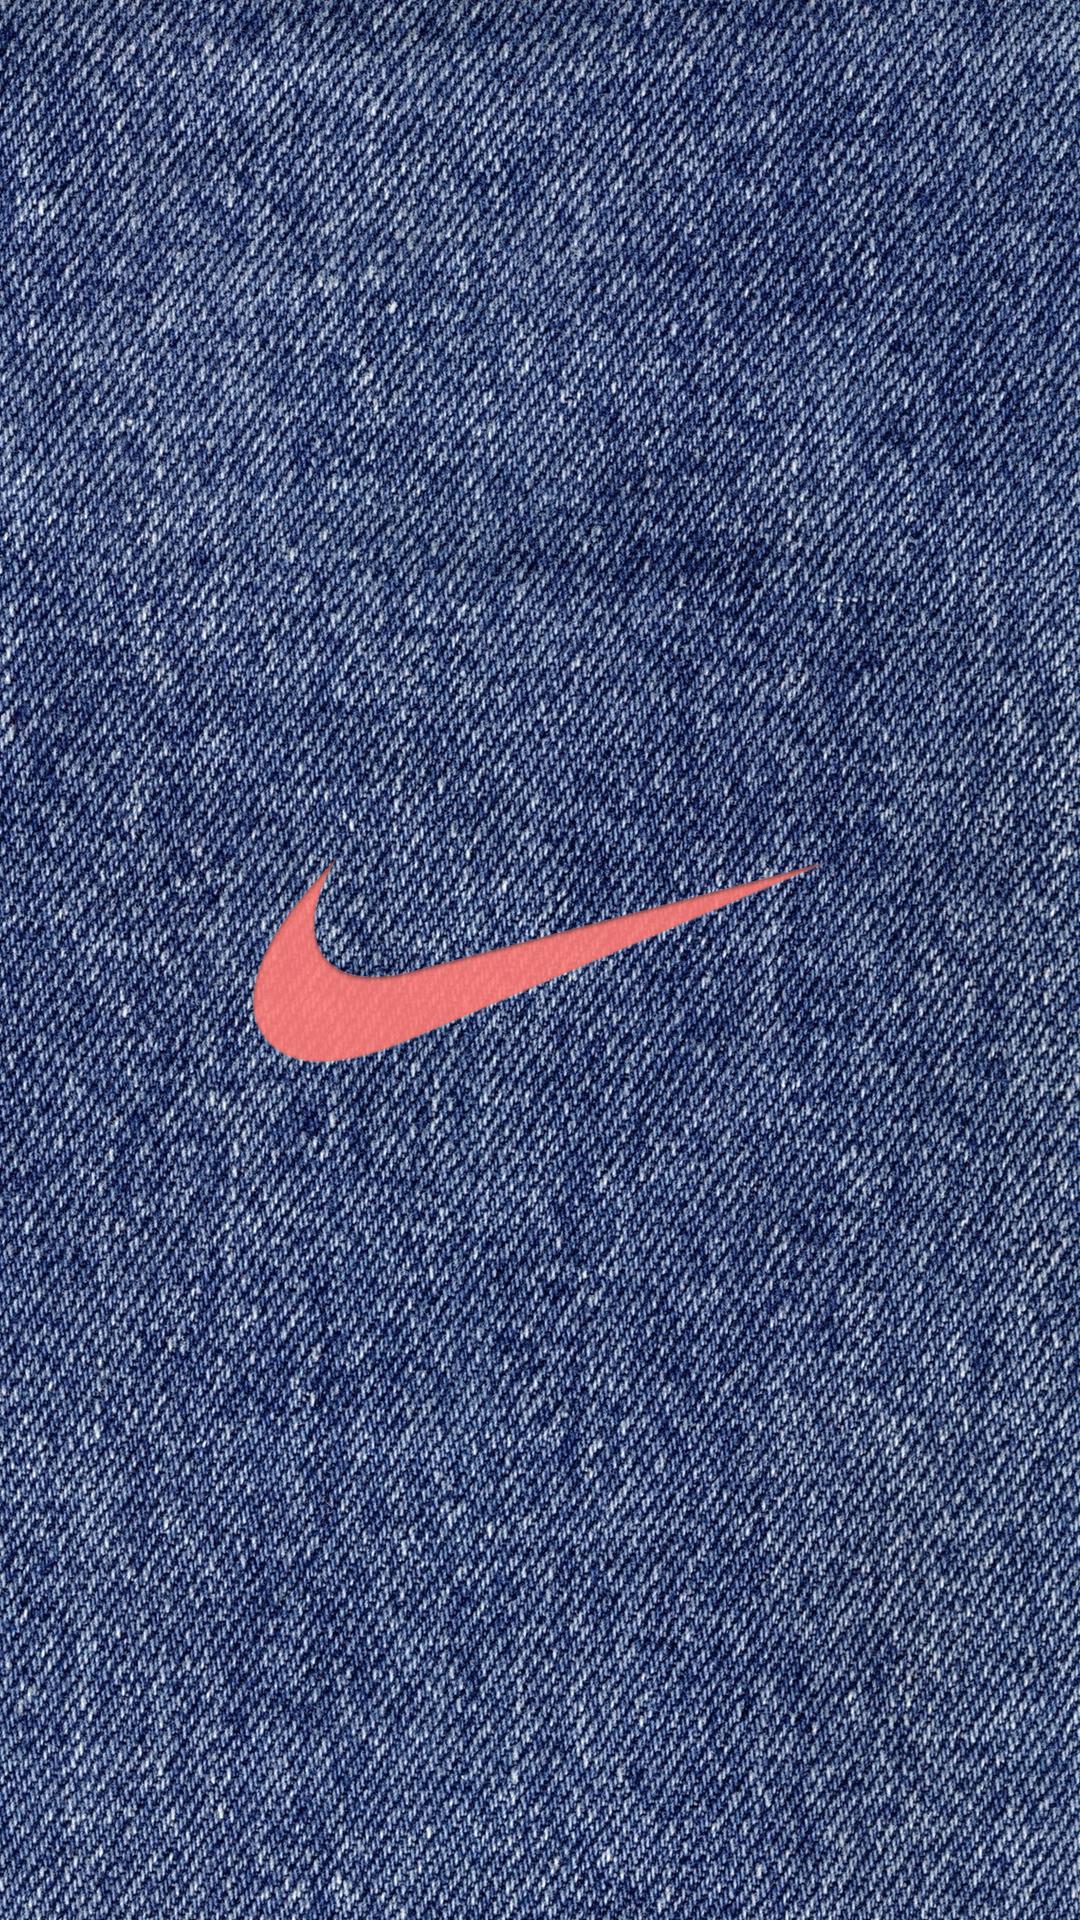 デニム ナイキロゴ Nike Logo めちゃ人気 Iphone壁紙dj